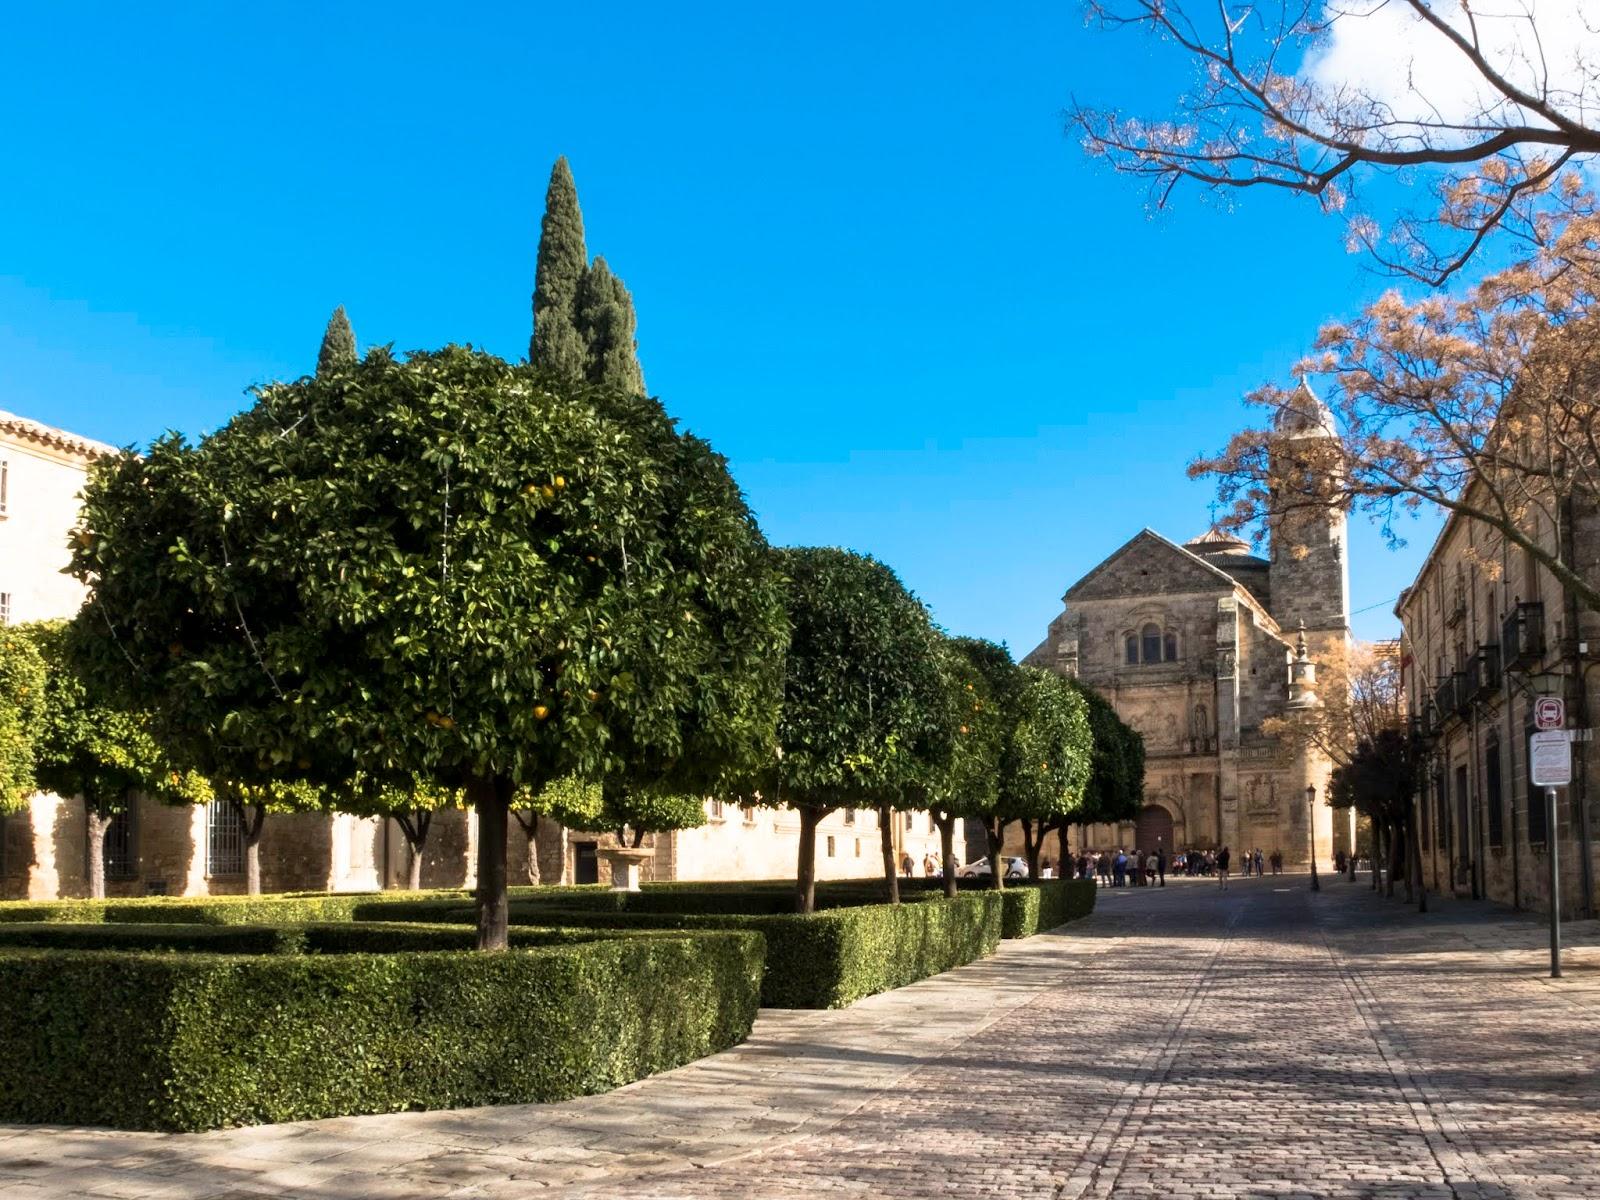 Ubeda, Jaén 2017